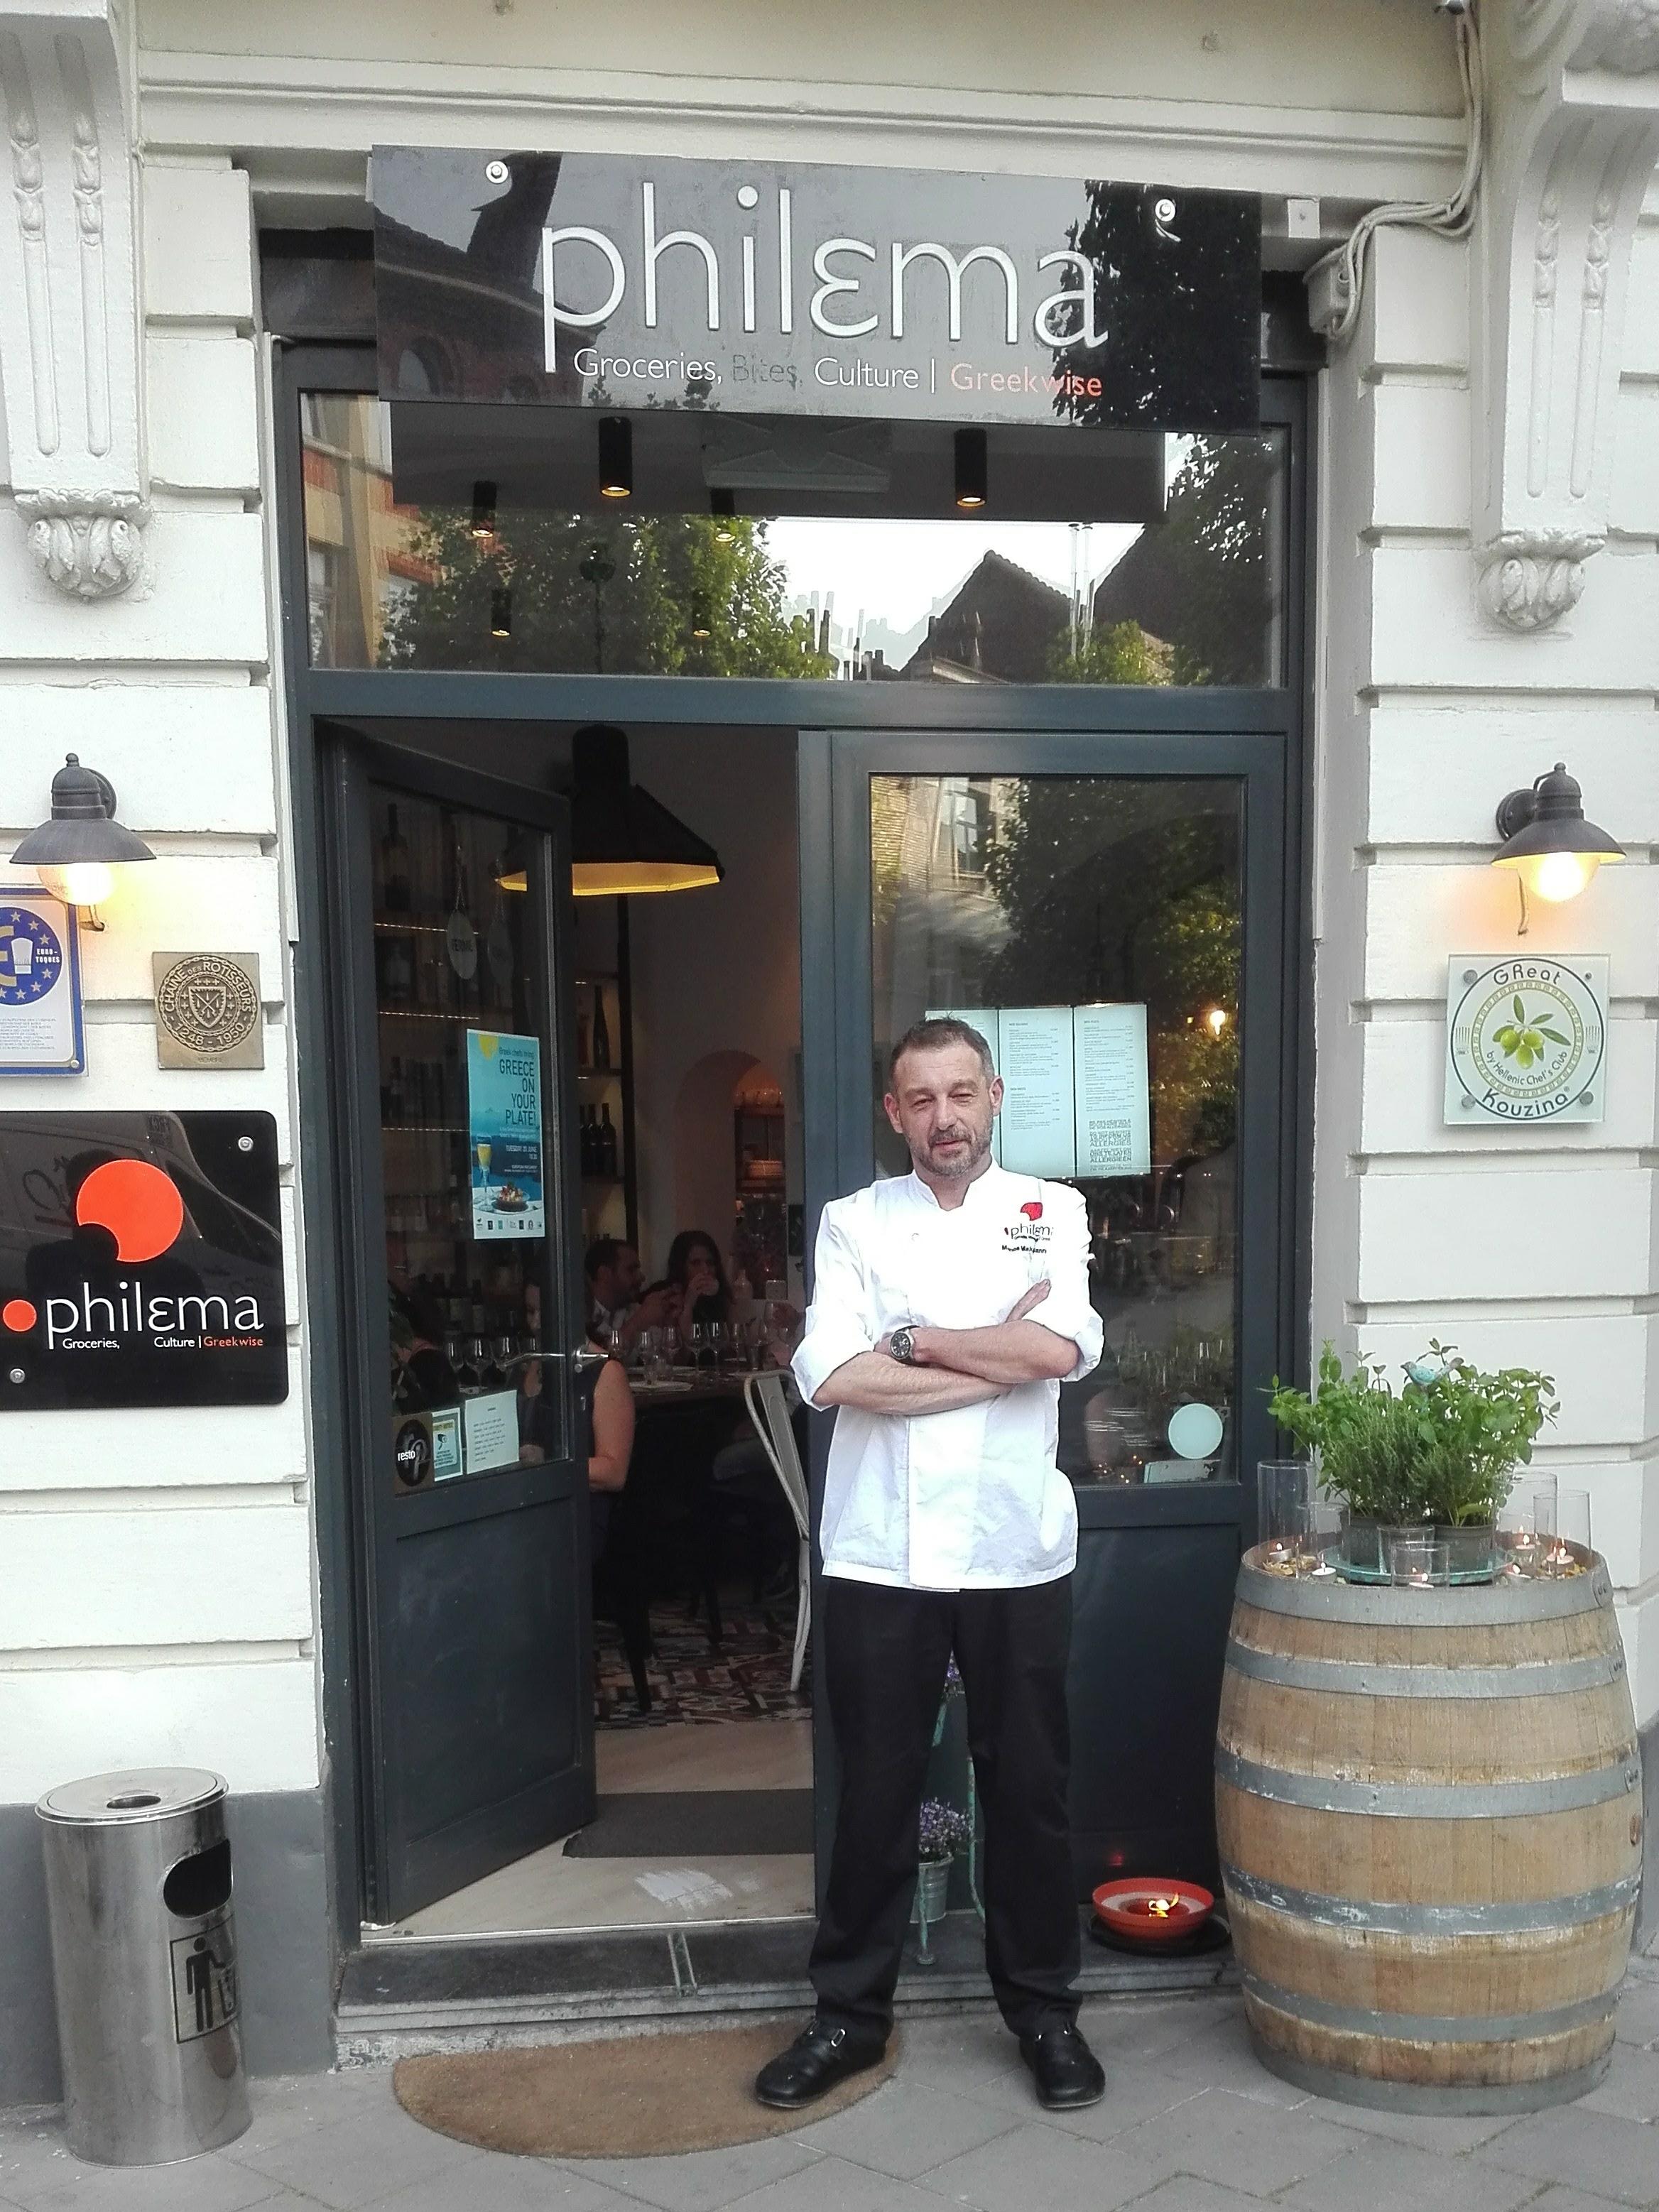 """Ο Μάνος Μακρυγιαννάκης σεφ και ιδιοκτήτης του εστιατορίου """"Philema"""" στις Βρυξέλλες"""